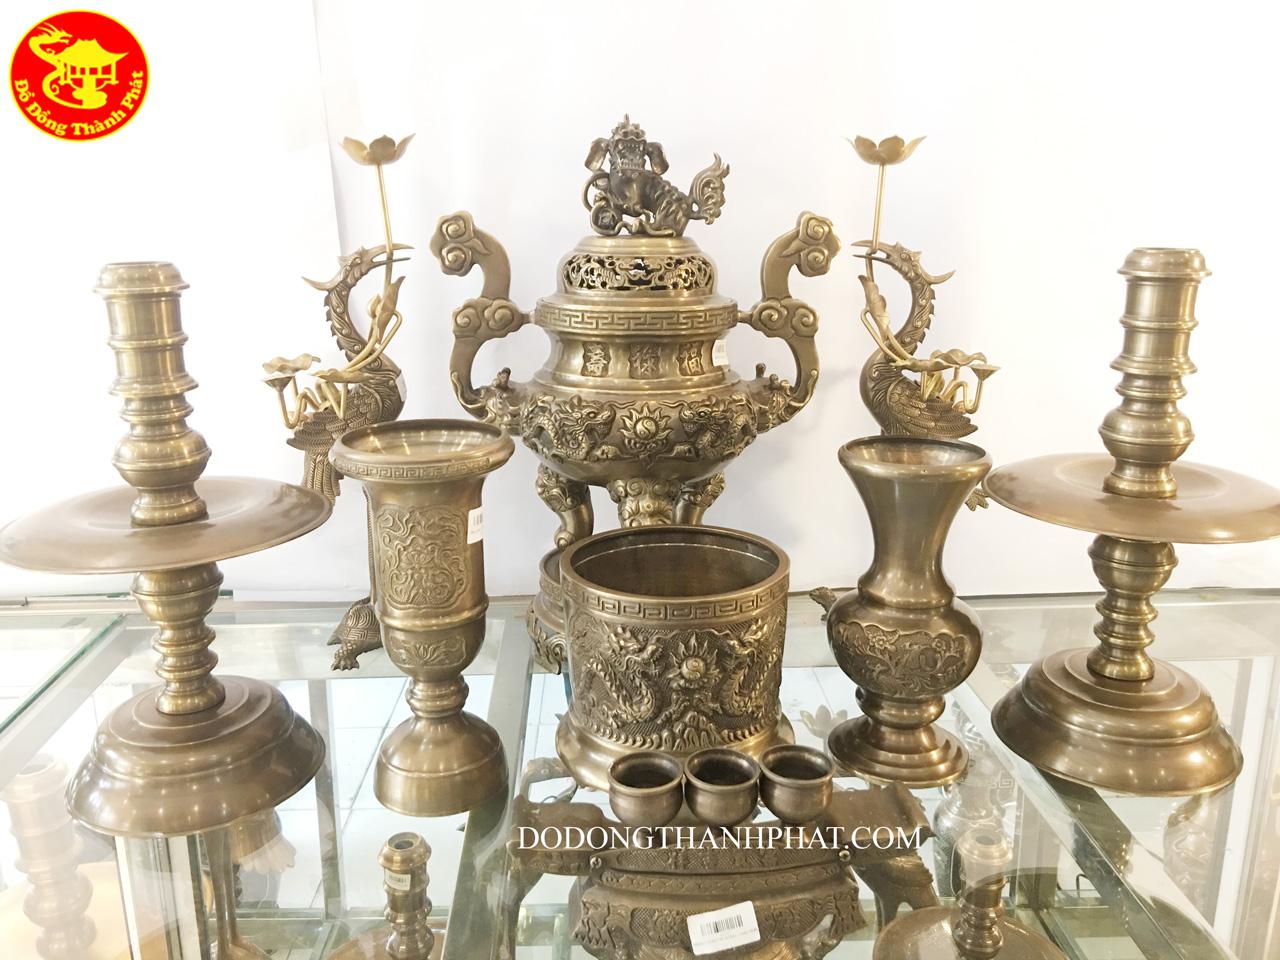 Bộ đồ thờ cúng bằng đồng 9 món gồm đỉnh đồng song long trầu nguyệt 45